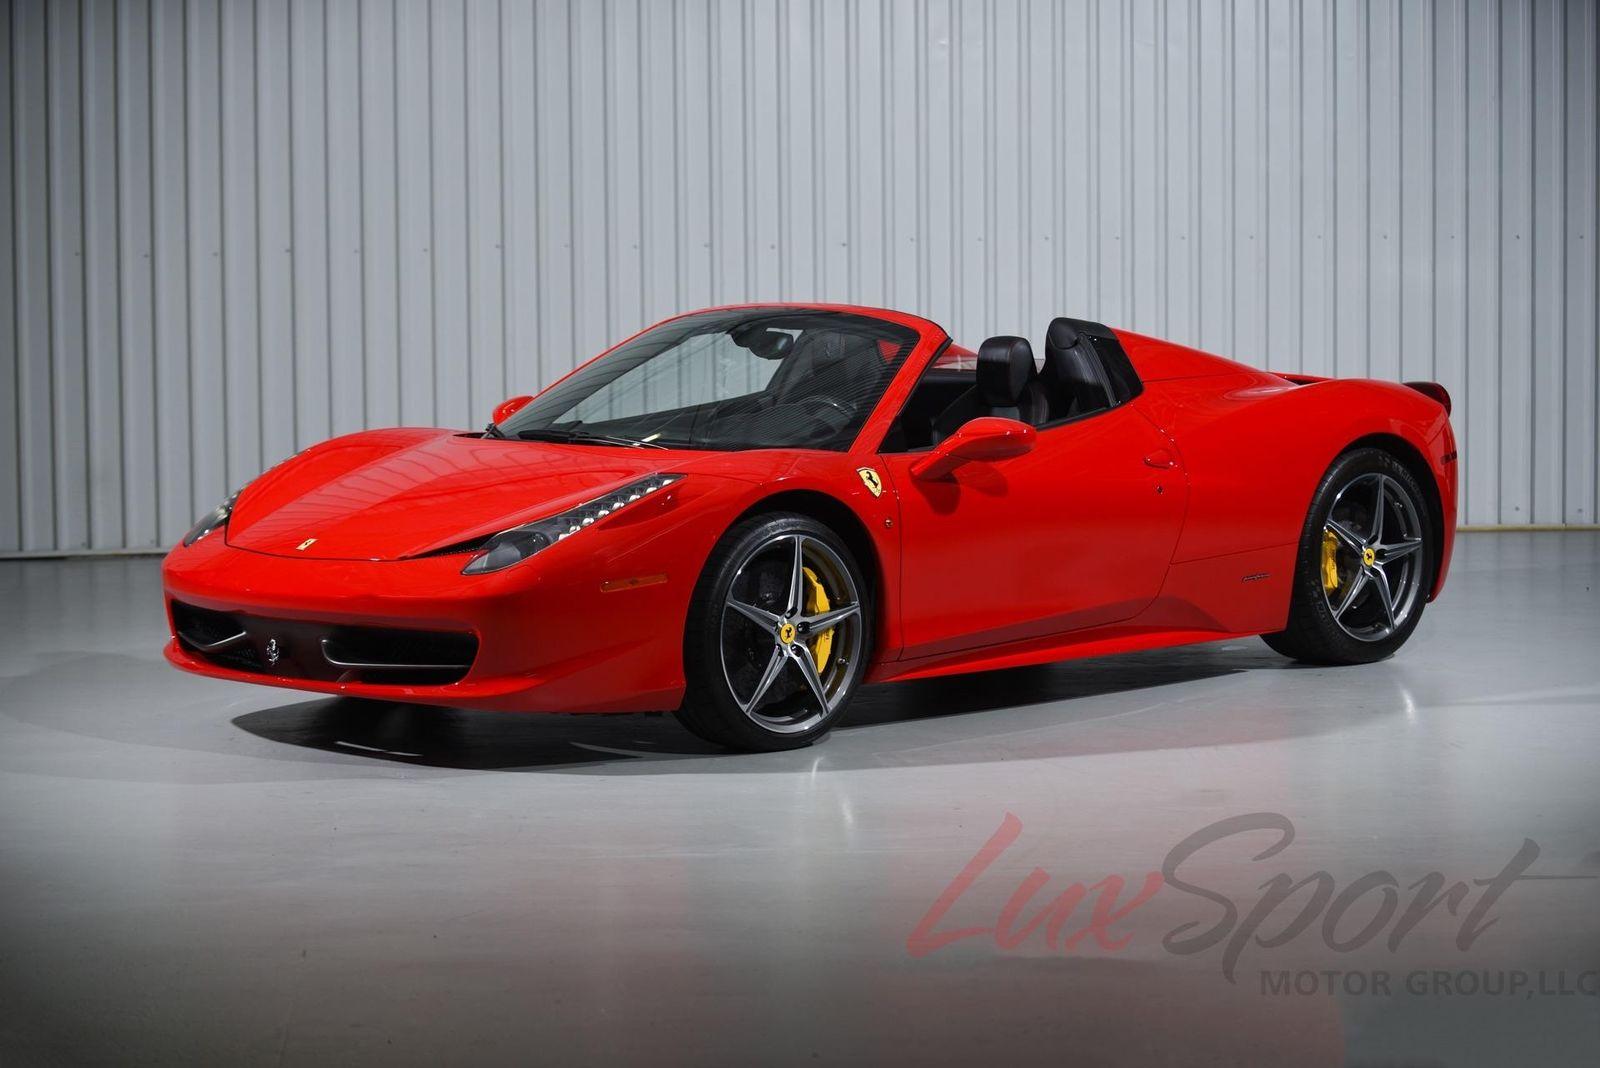 Amazing 458 \u2014 2012 Ferrari 458 Spider 2018,2019